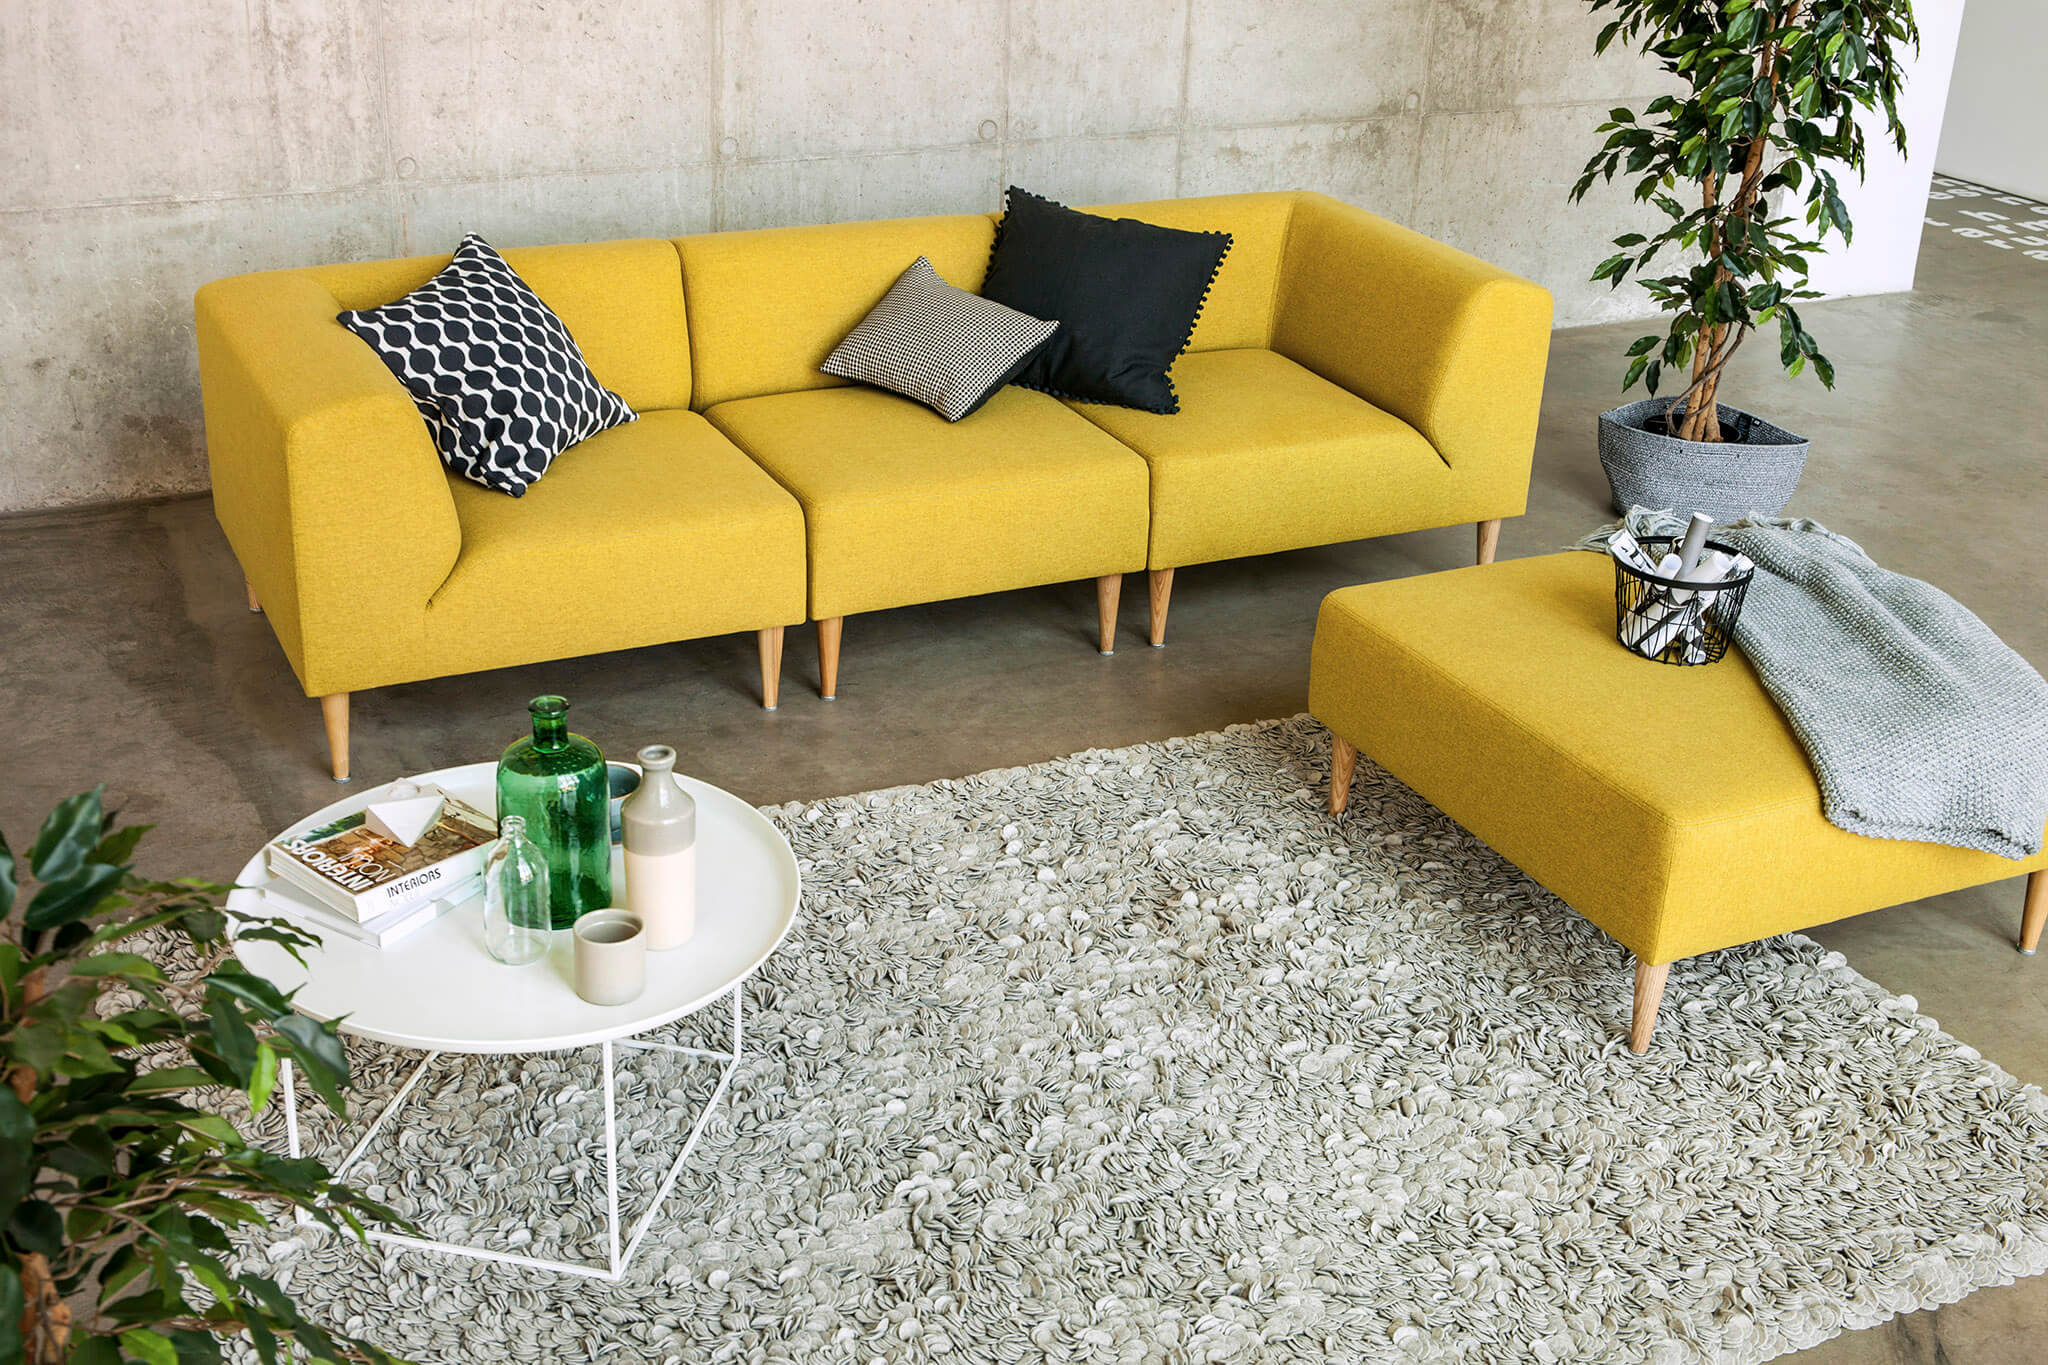 Modulsofa im skandinavischen look modul hocker 70 cm for Sofa 70 cm tief